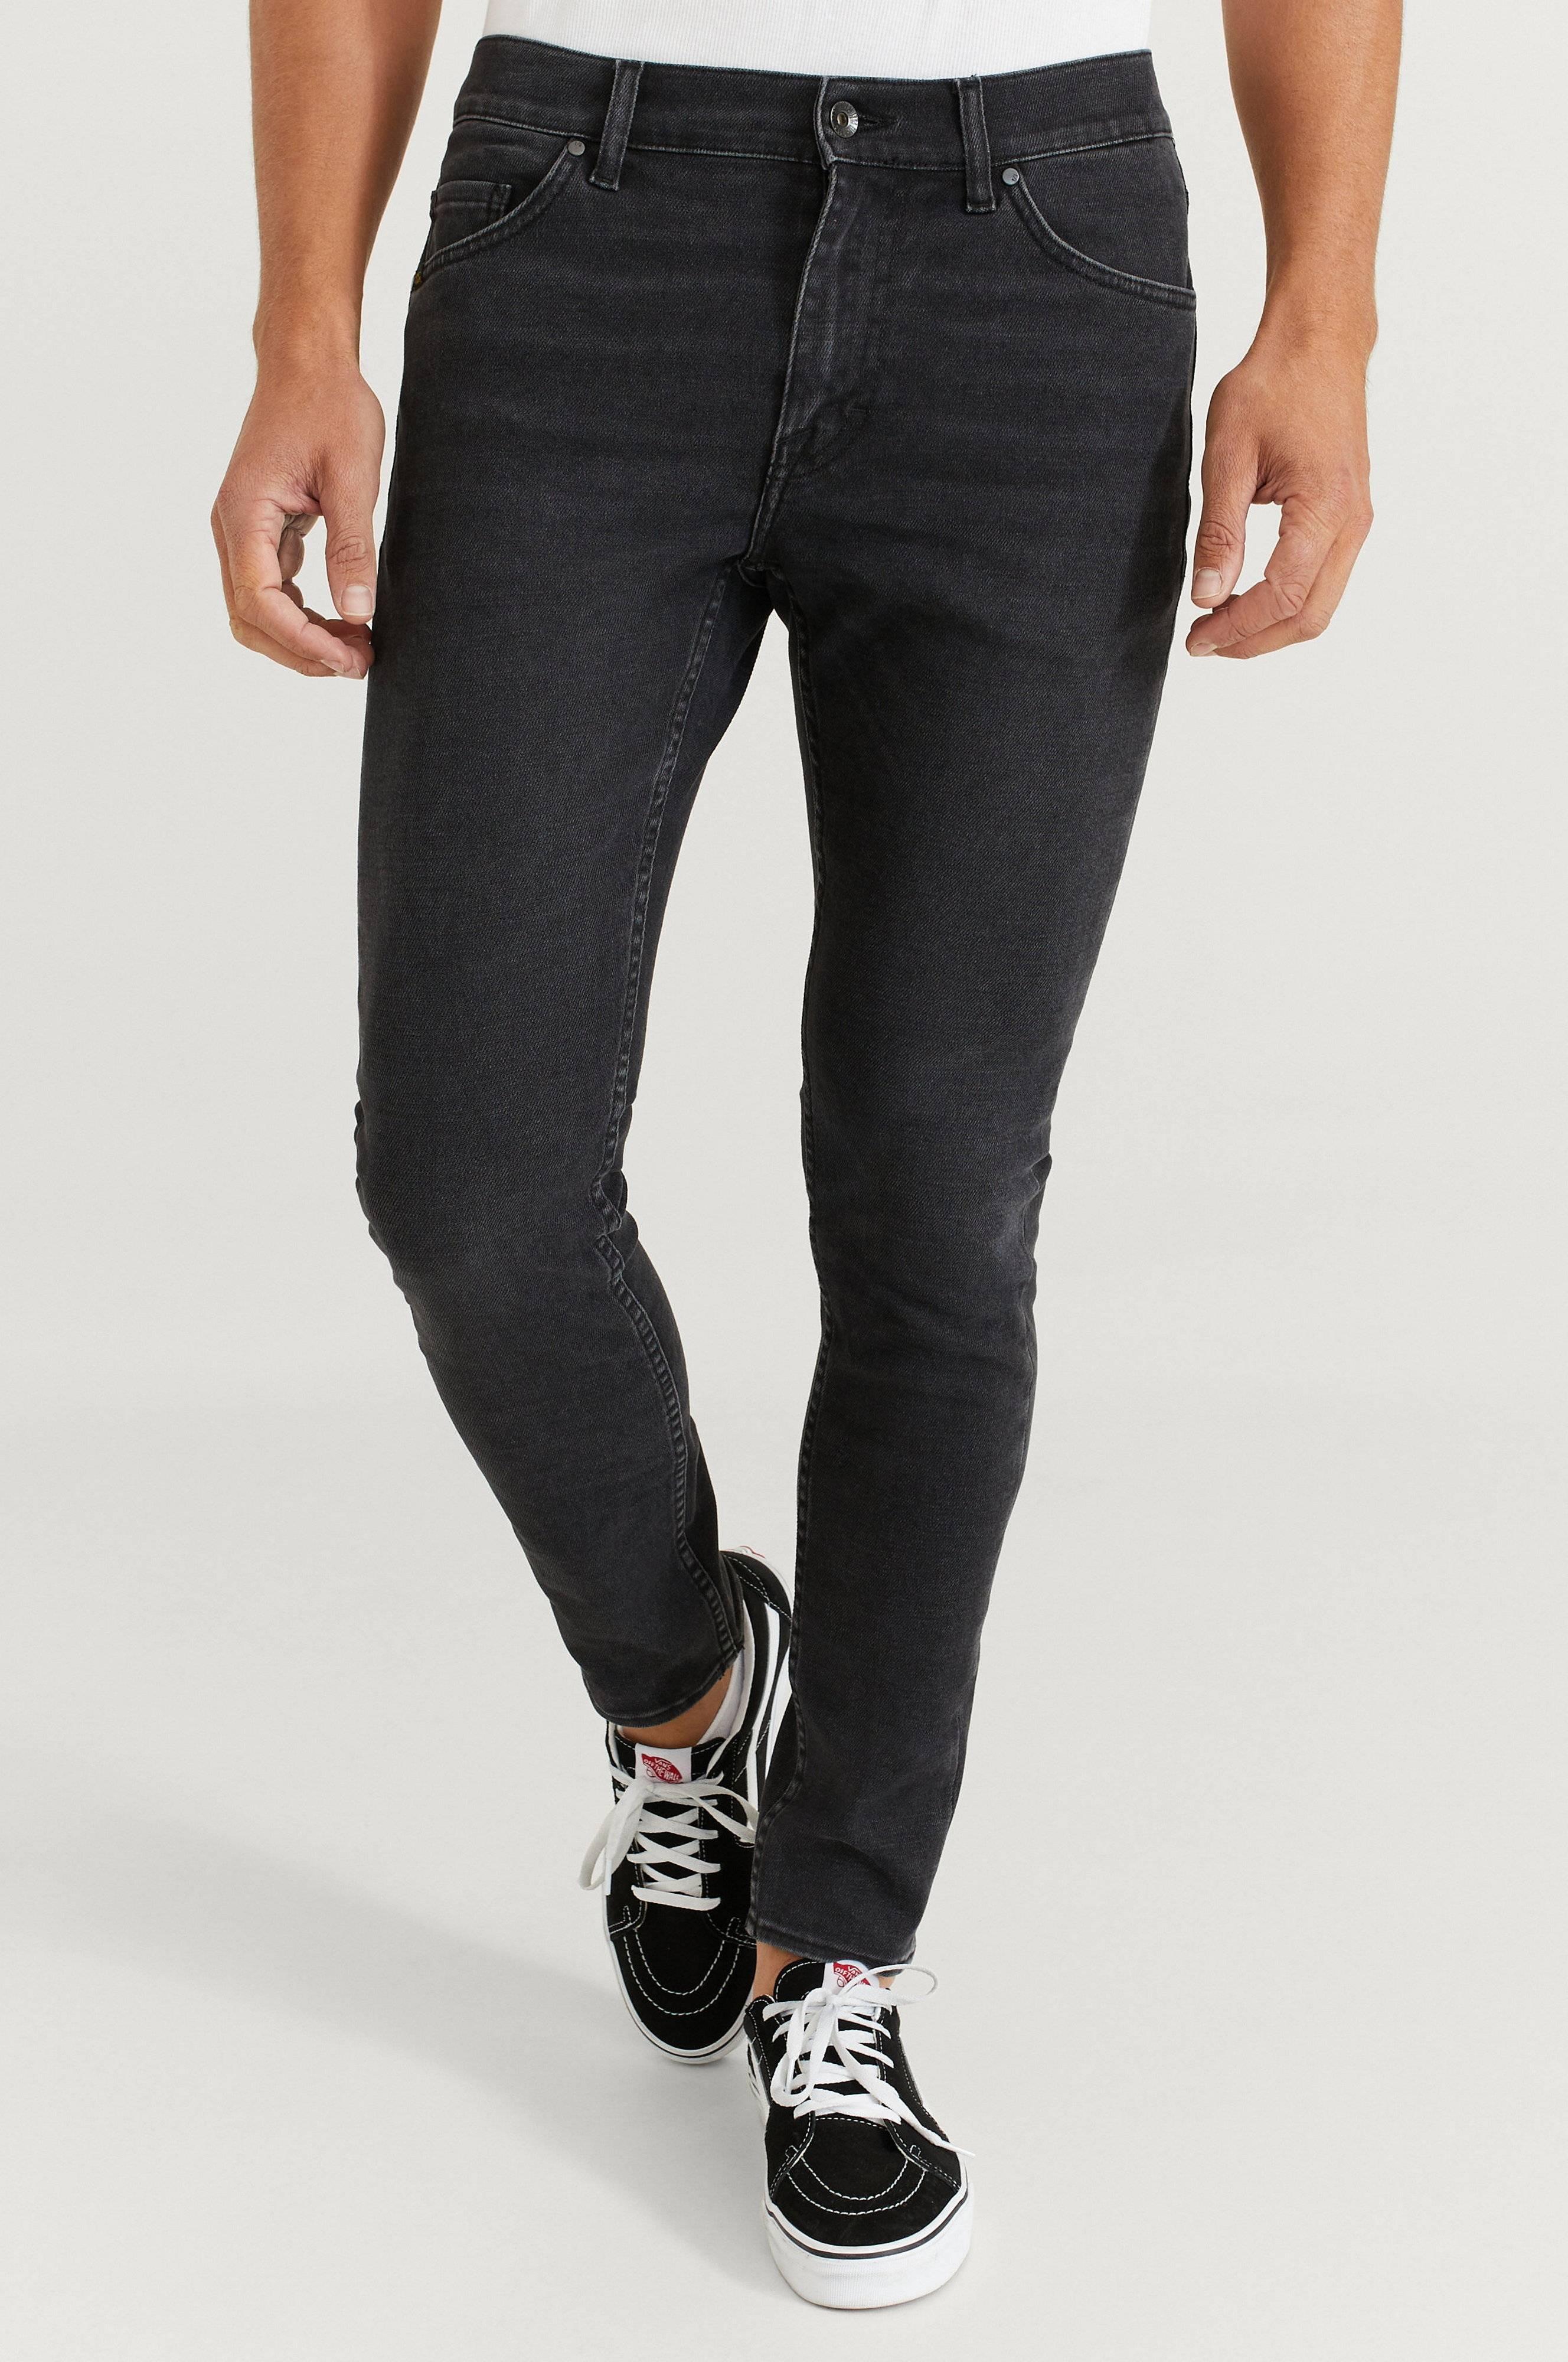 Tiger of Sweden Jeans Evolve Svart